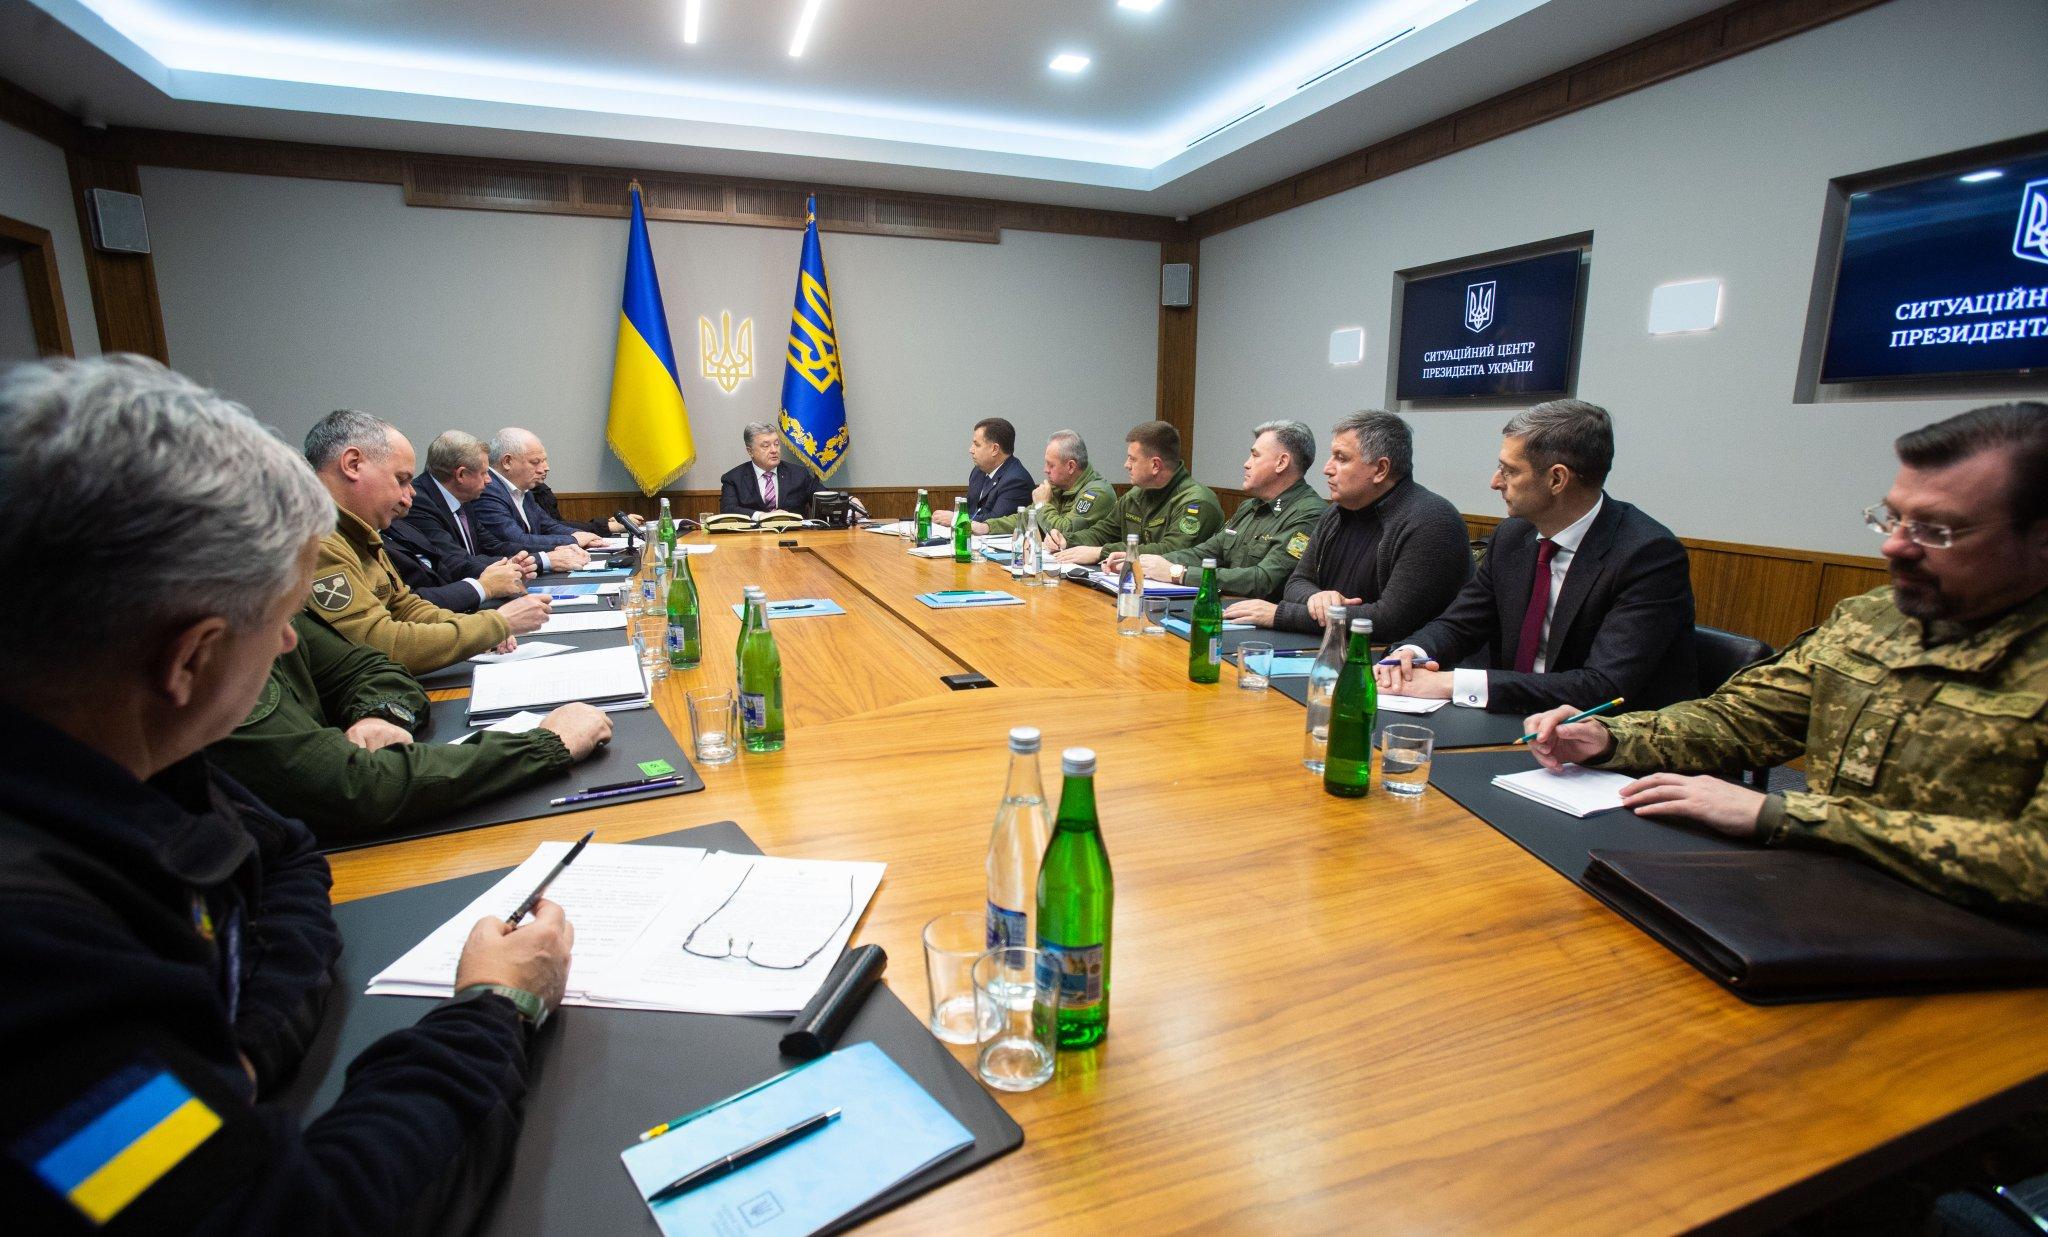 Украјина продужила забрану уласка Русима у земљу